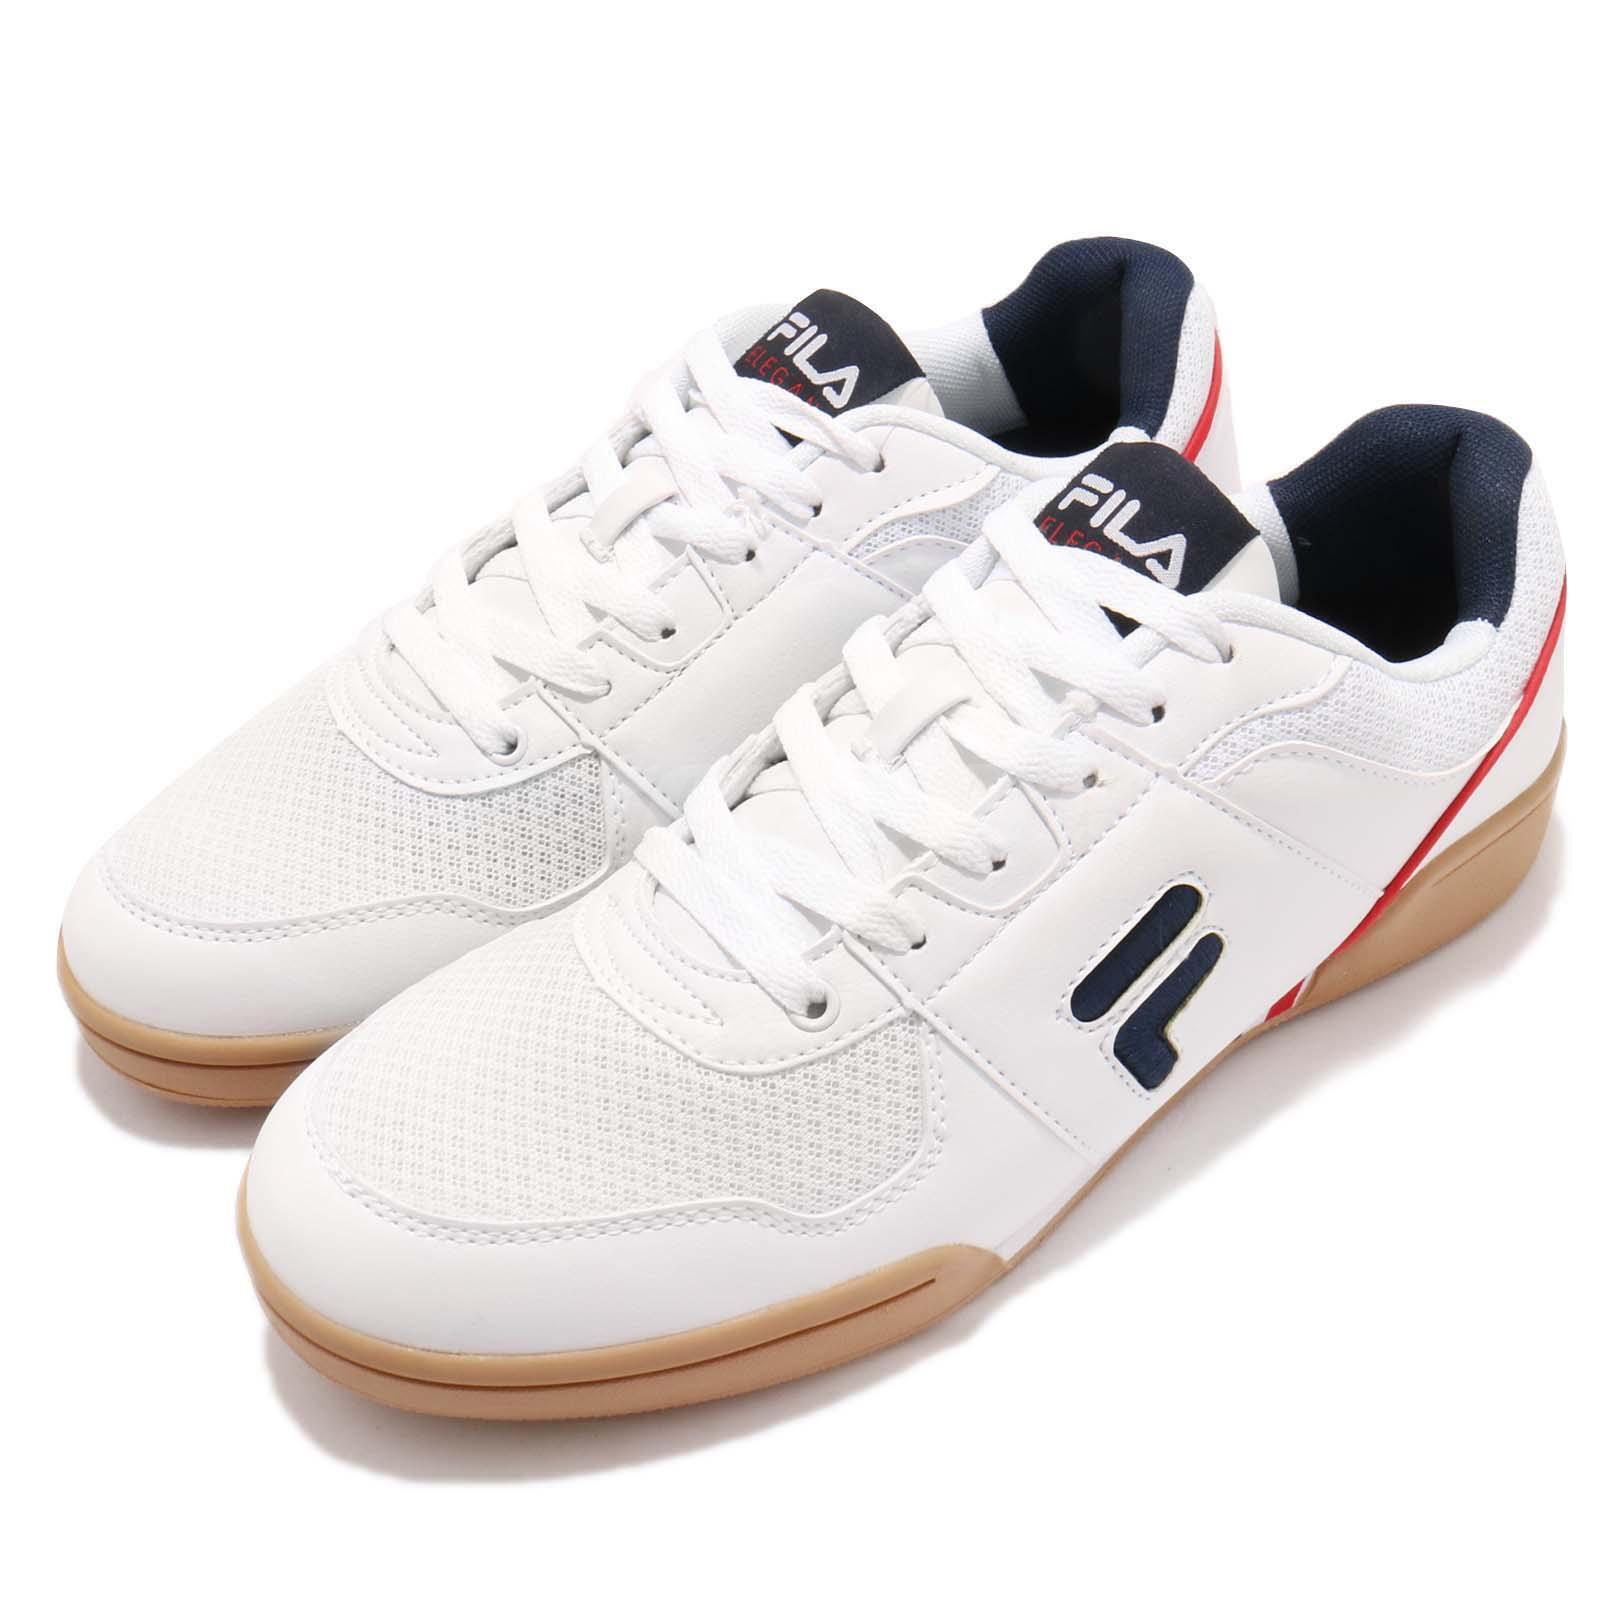 Fila C301S blanco Navy rojo Gum Men Lifestyle Casual zapatos zapatillas